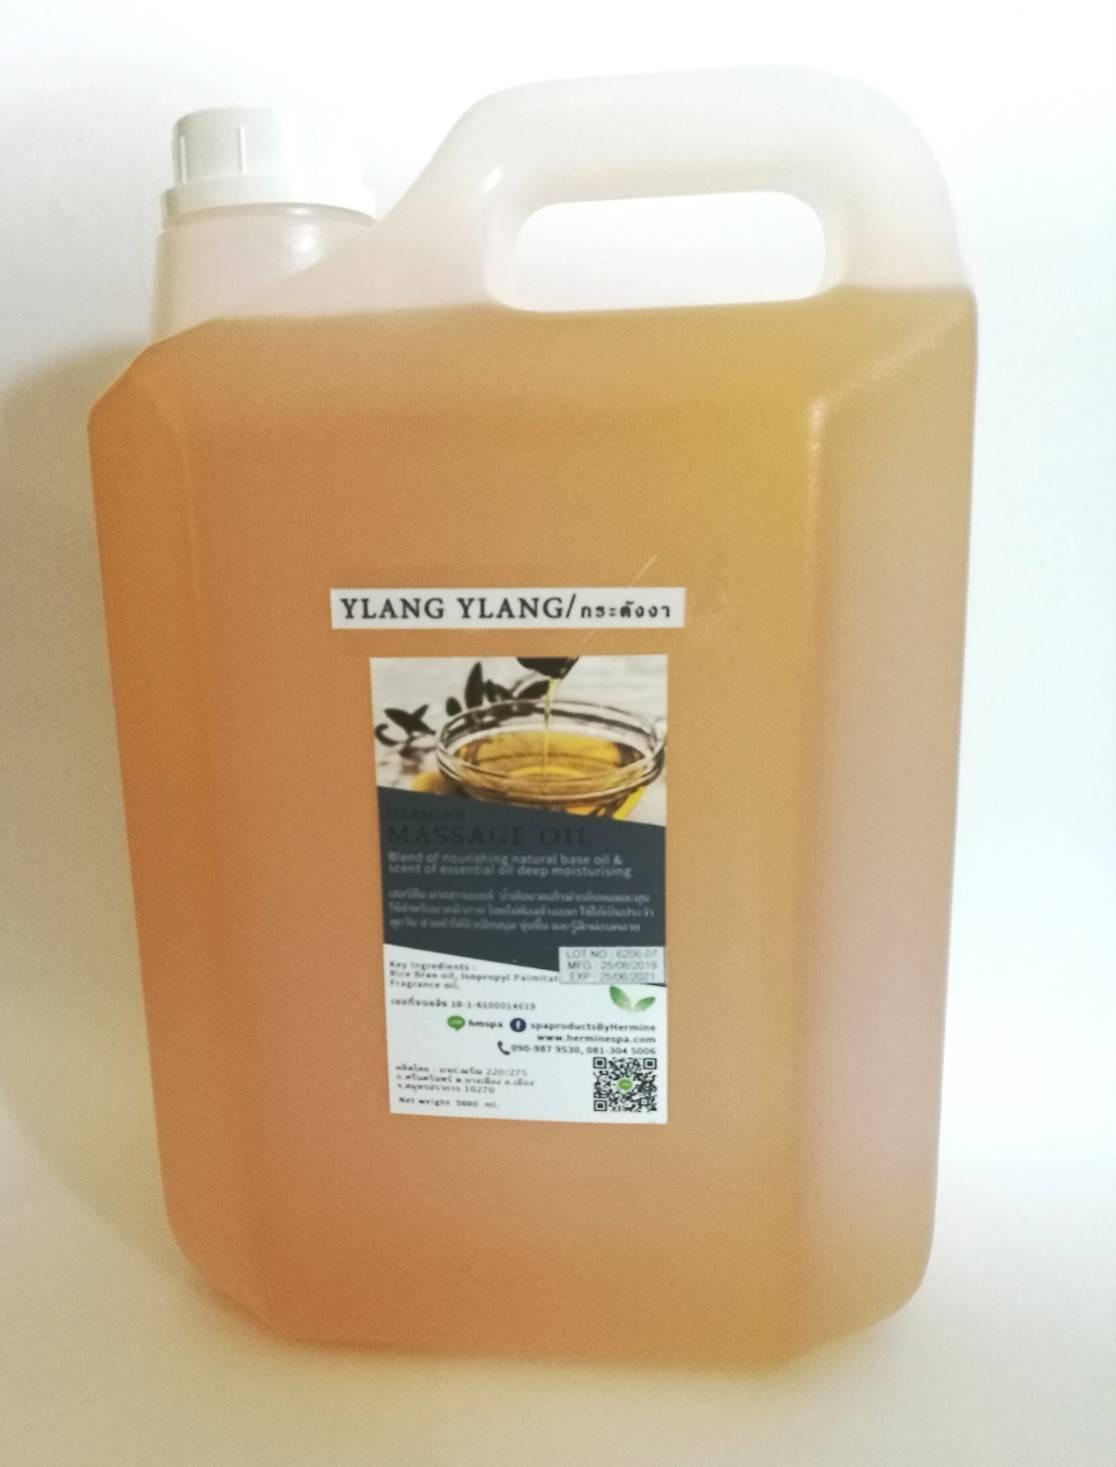 เฮอร์มีนน้ำมันนวดอโรม่า /Hermine Aroma Massage Oil  ขนาดบรรจุ 5 ลิตร